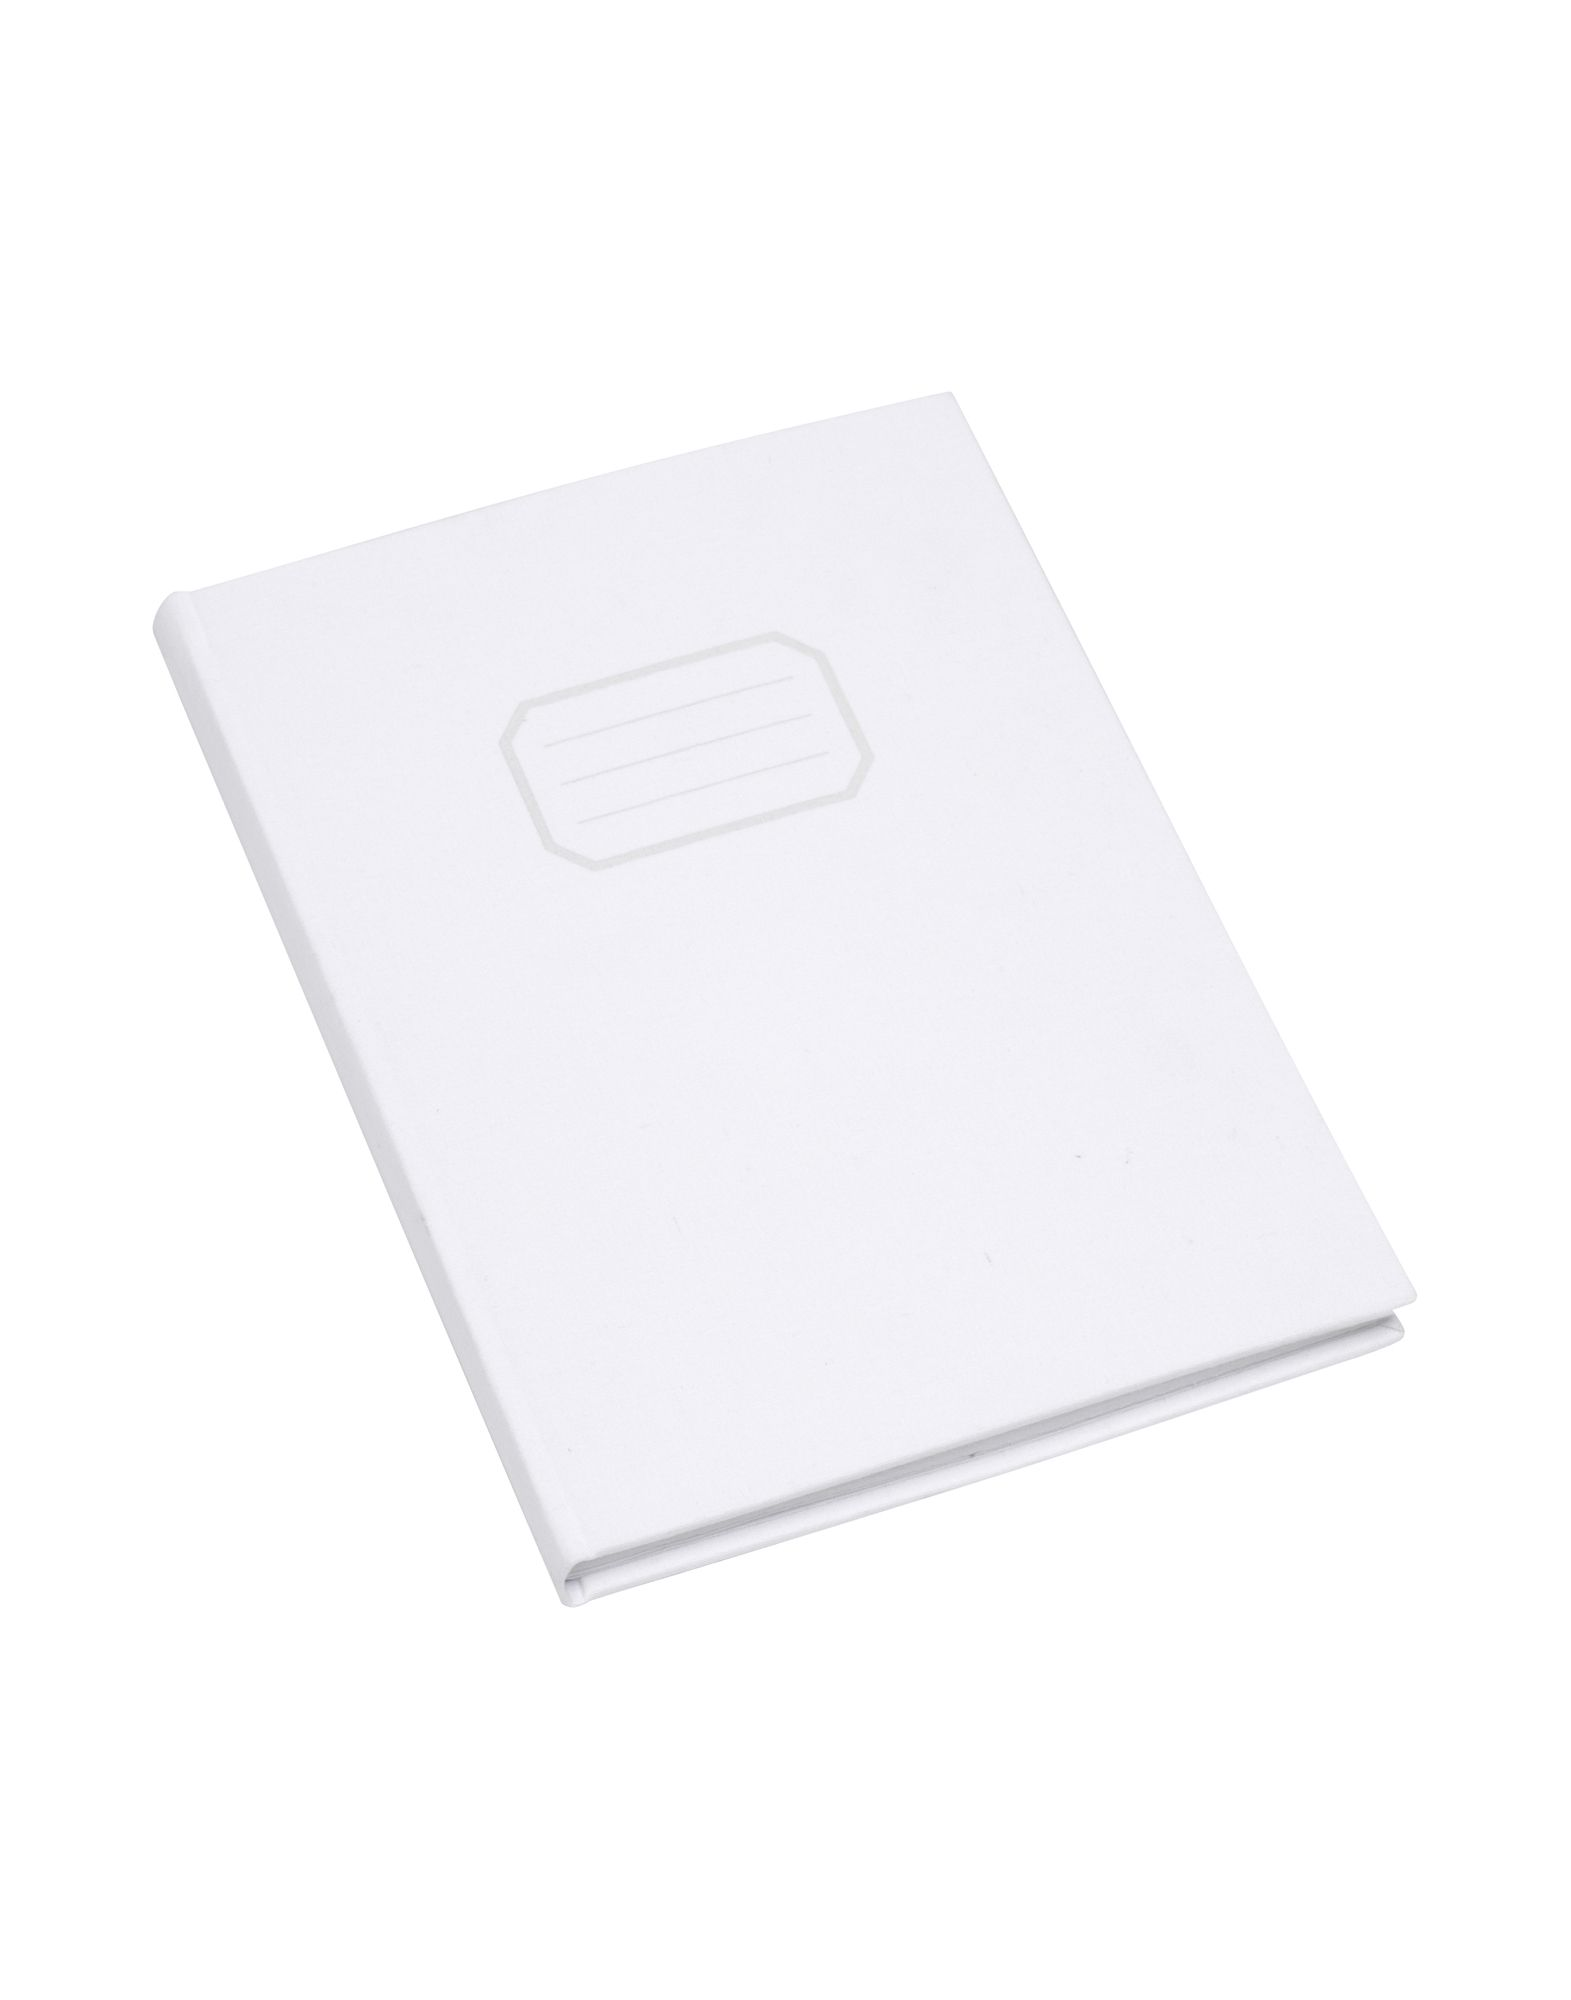 《送料無料》MAISON MARGIELA Unisex 雑貨 ホワイト コットン Cotton notebook